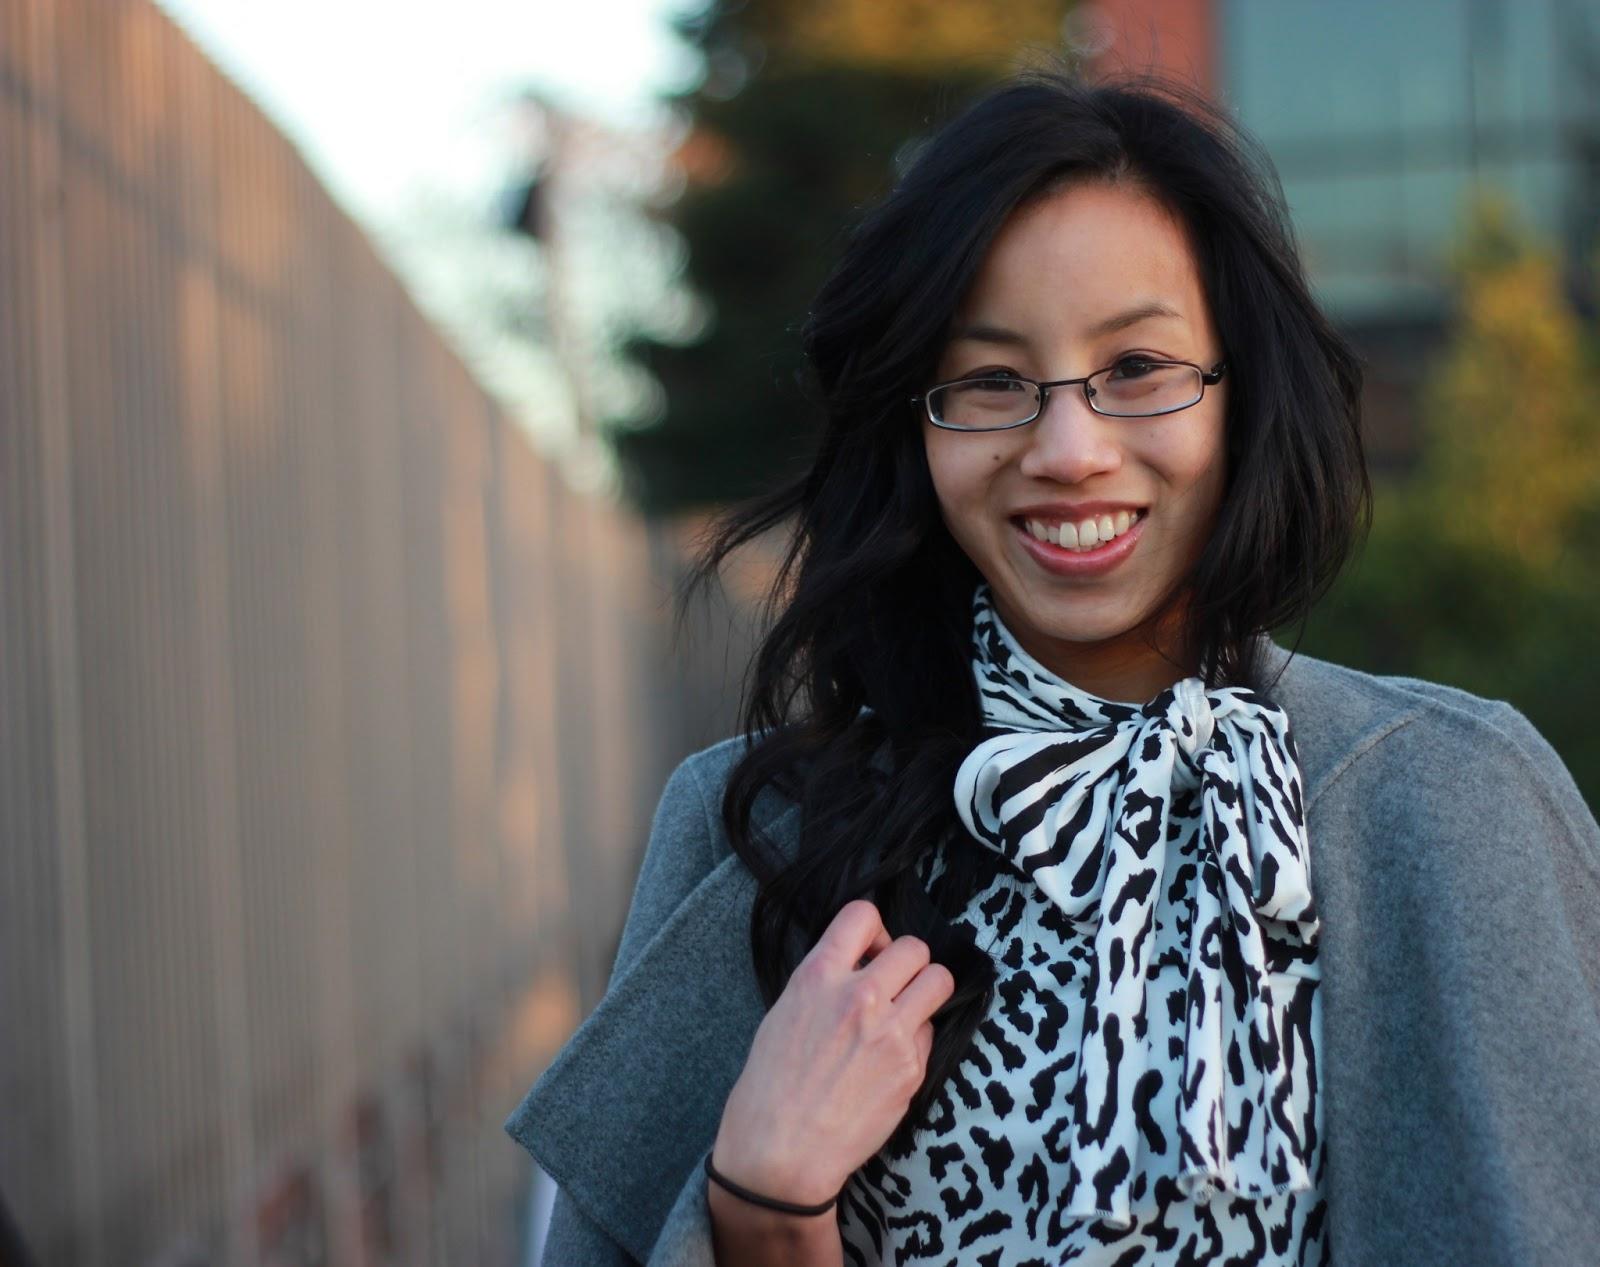 bowtie shirt blouse trend bows